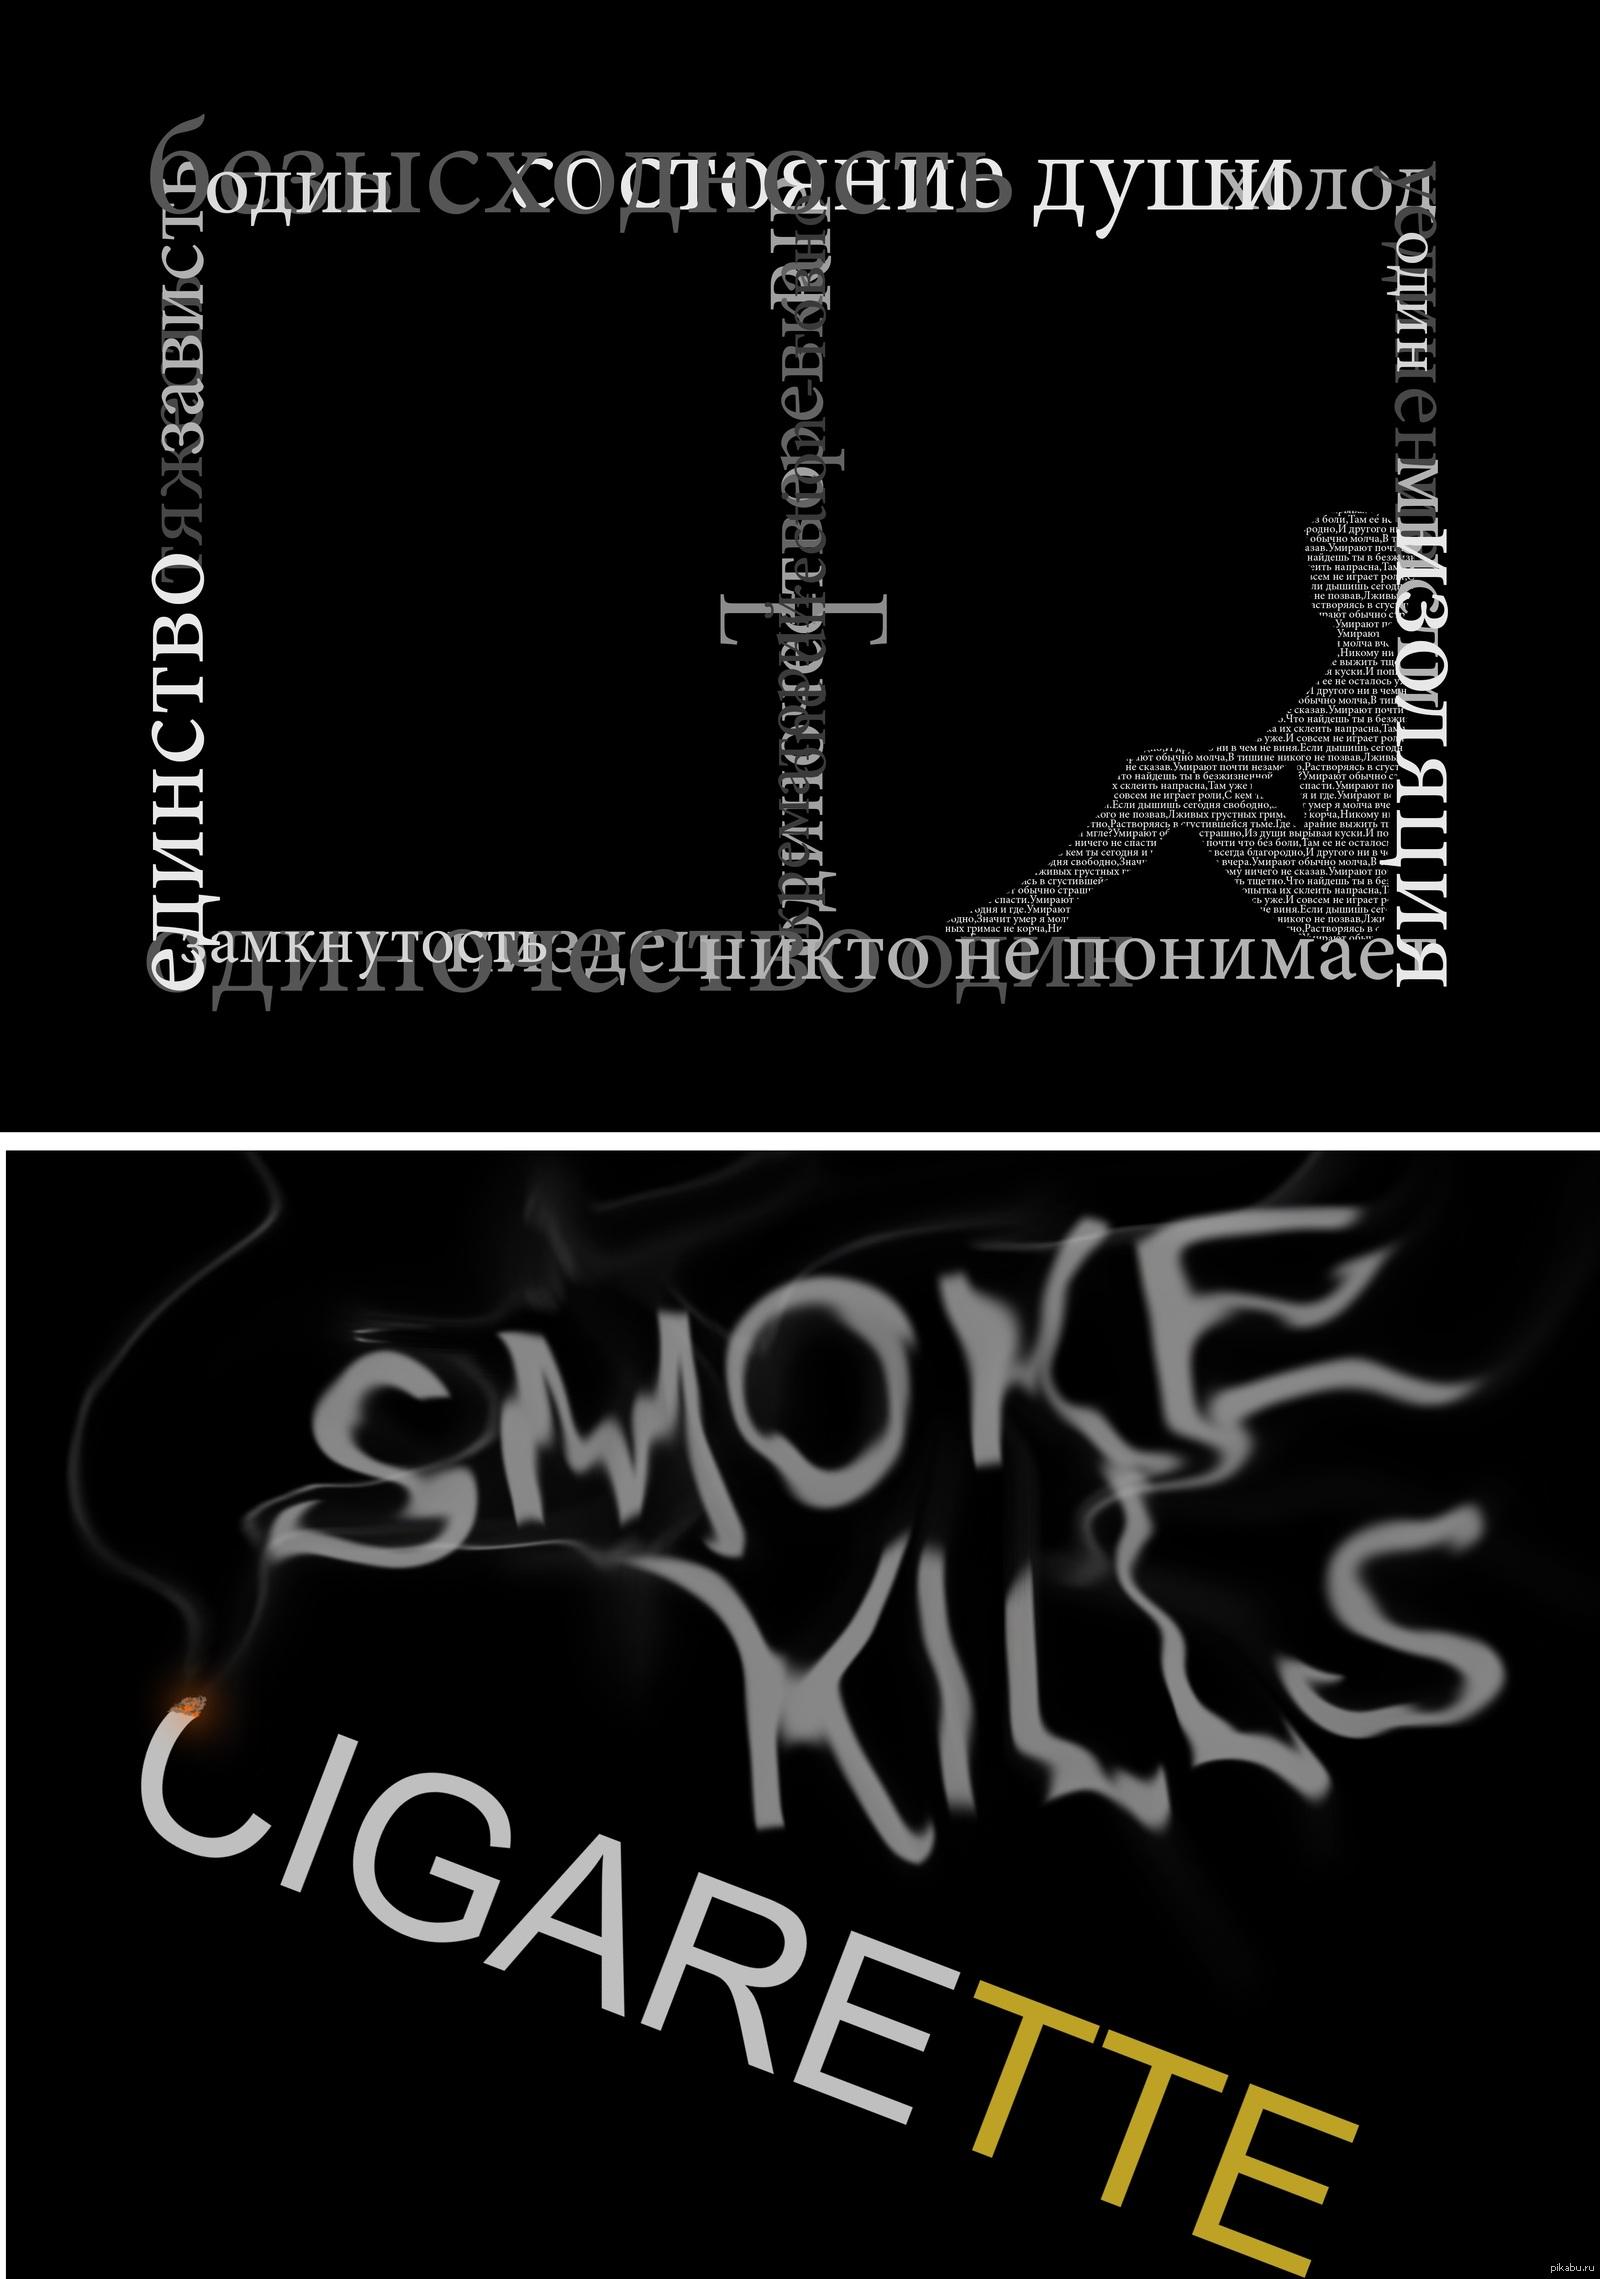 Моя курсовая работа по основам композиции Моя курсовая работа по основам композиции 2 шрифтовых плаката на ваш суд